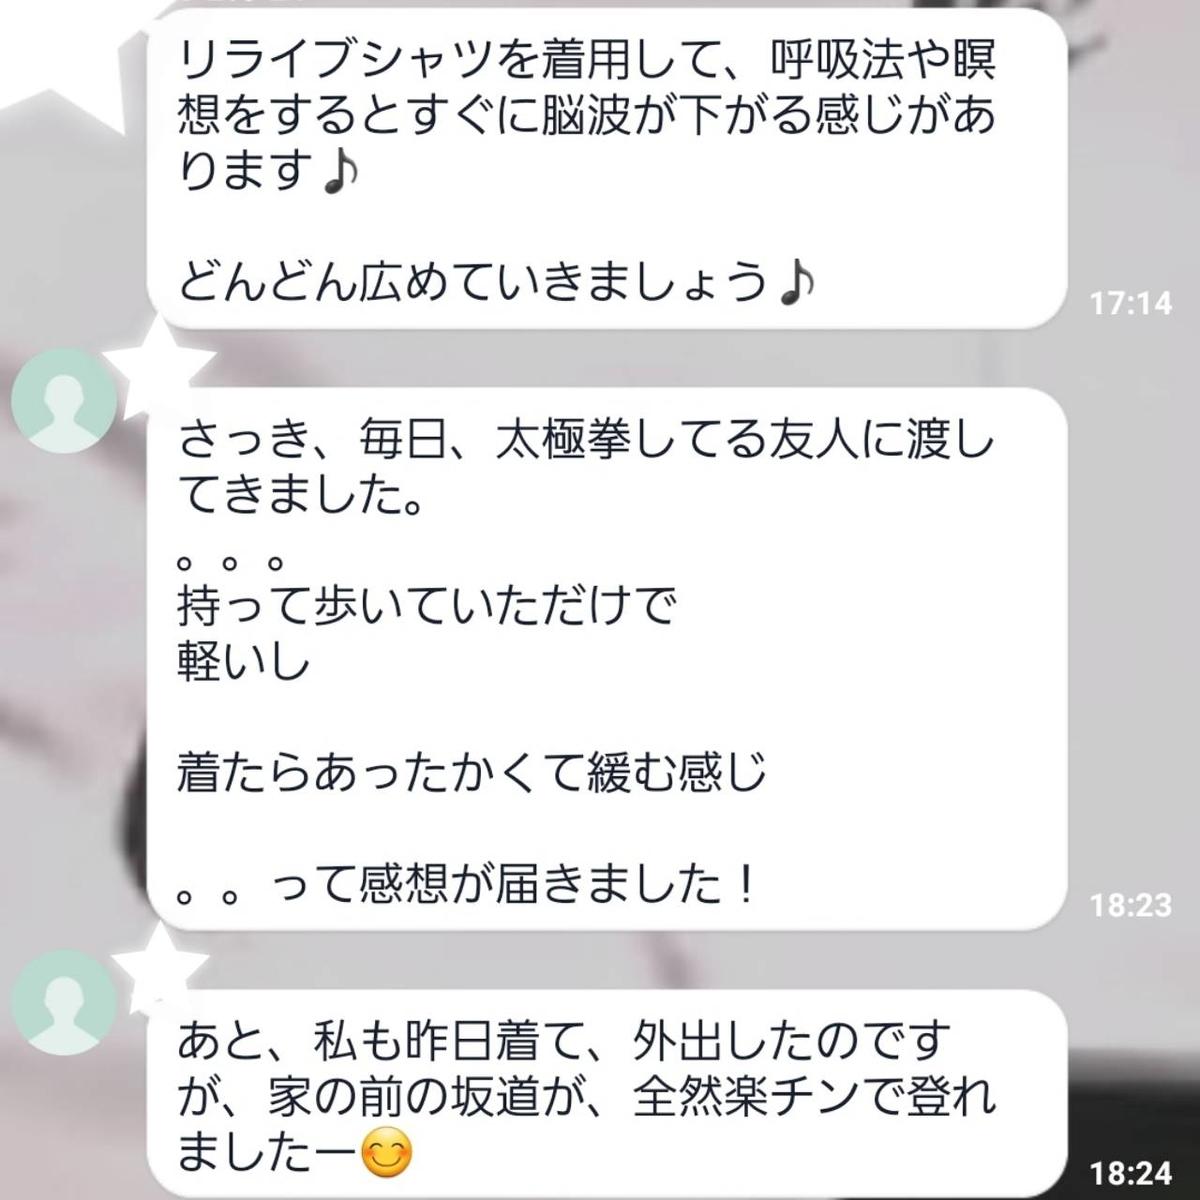 f:id:makoto_taira:20191105101420j:plain